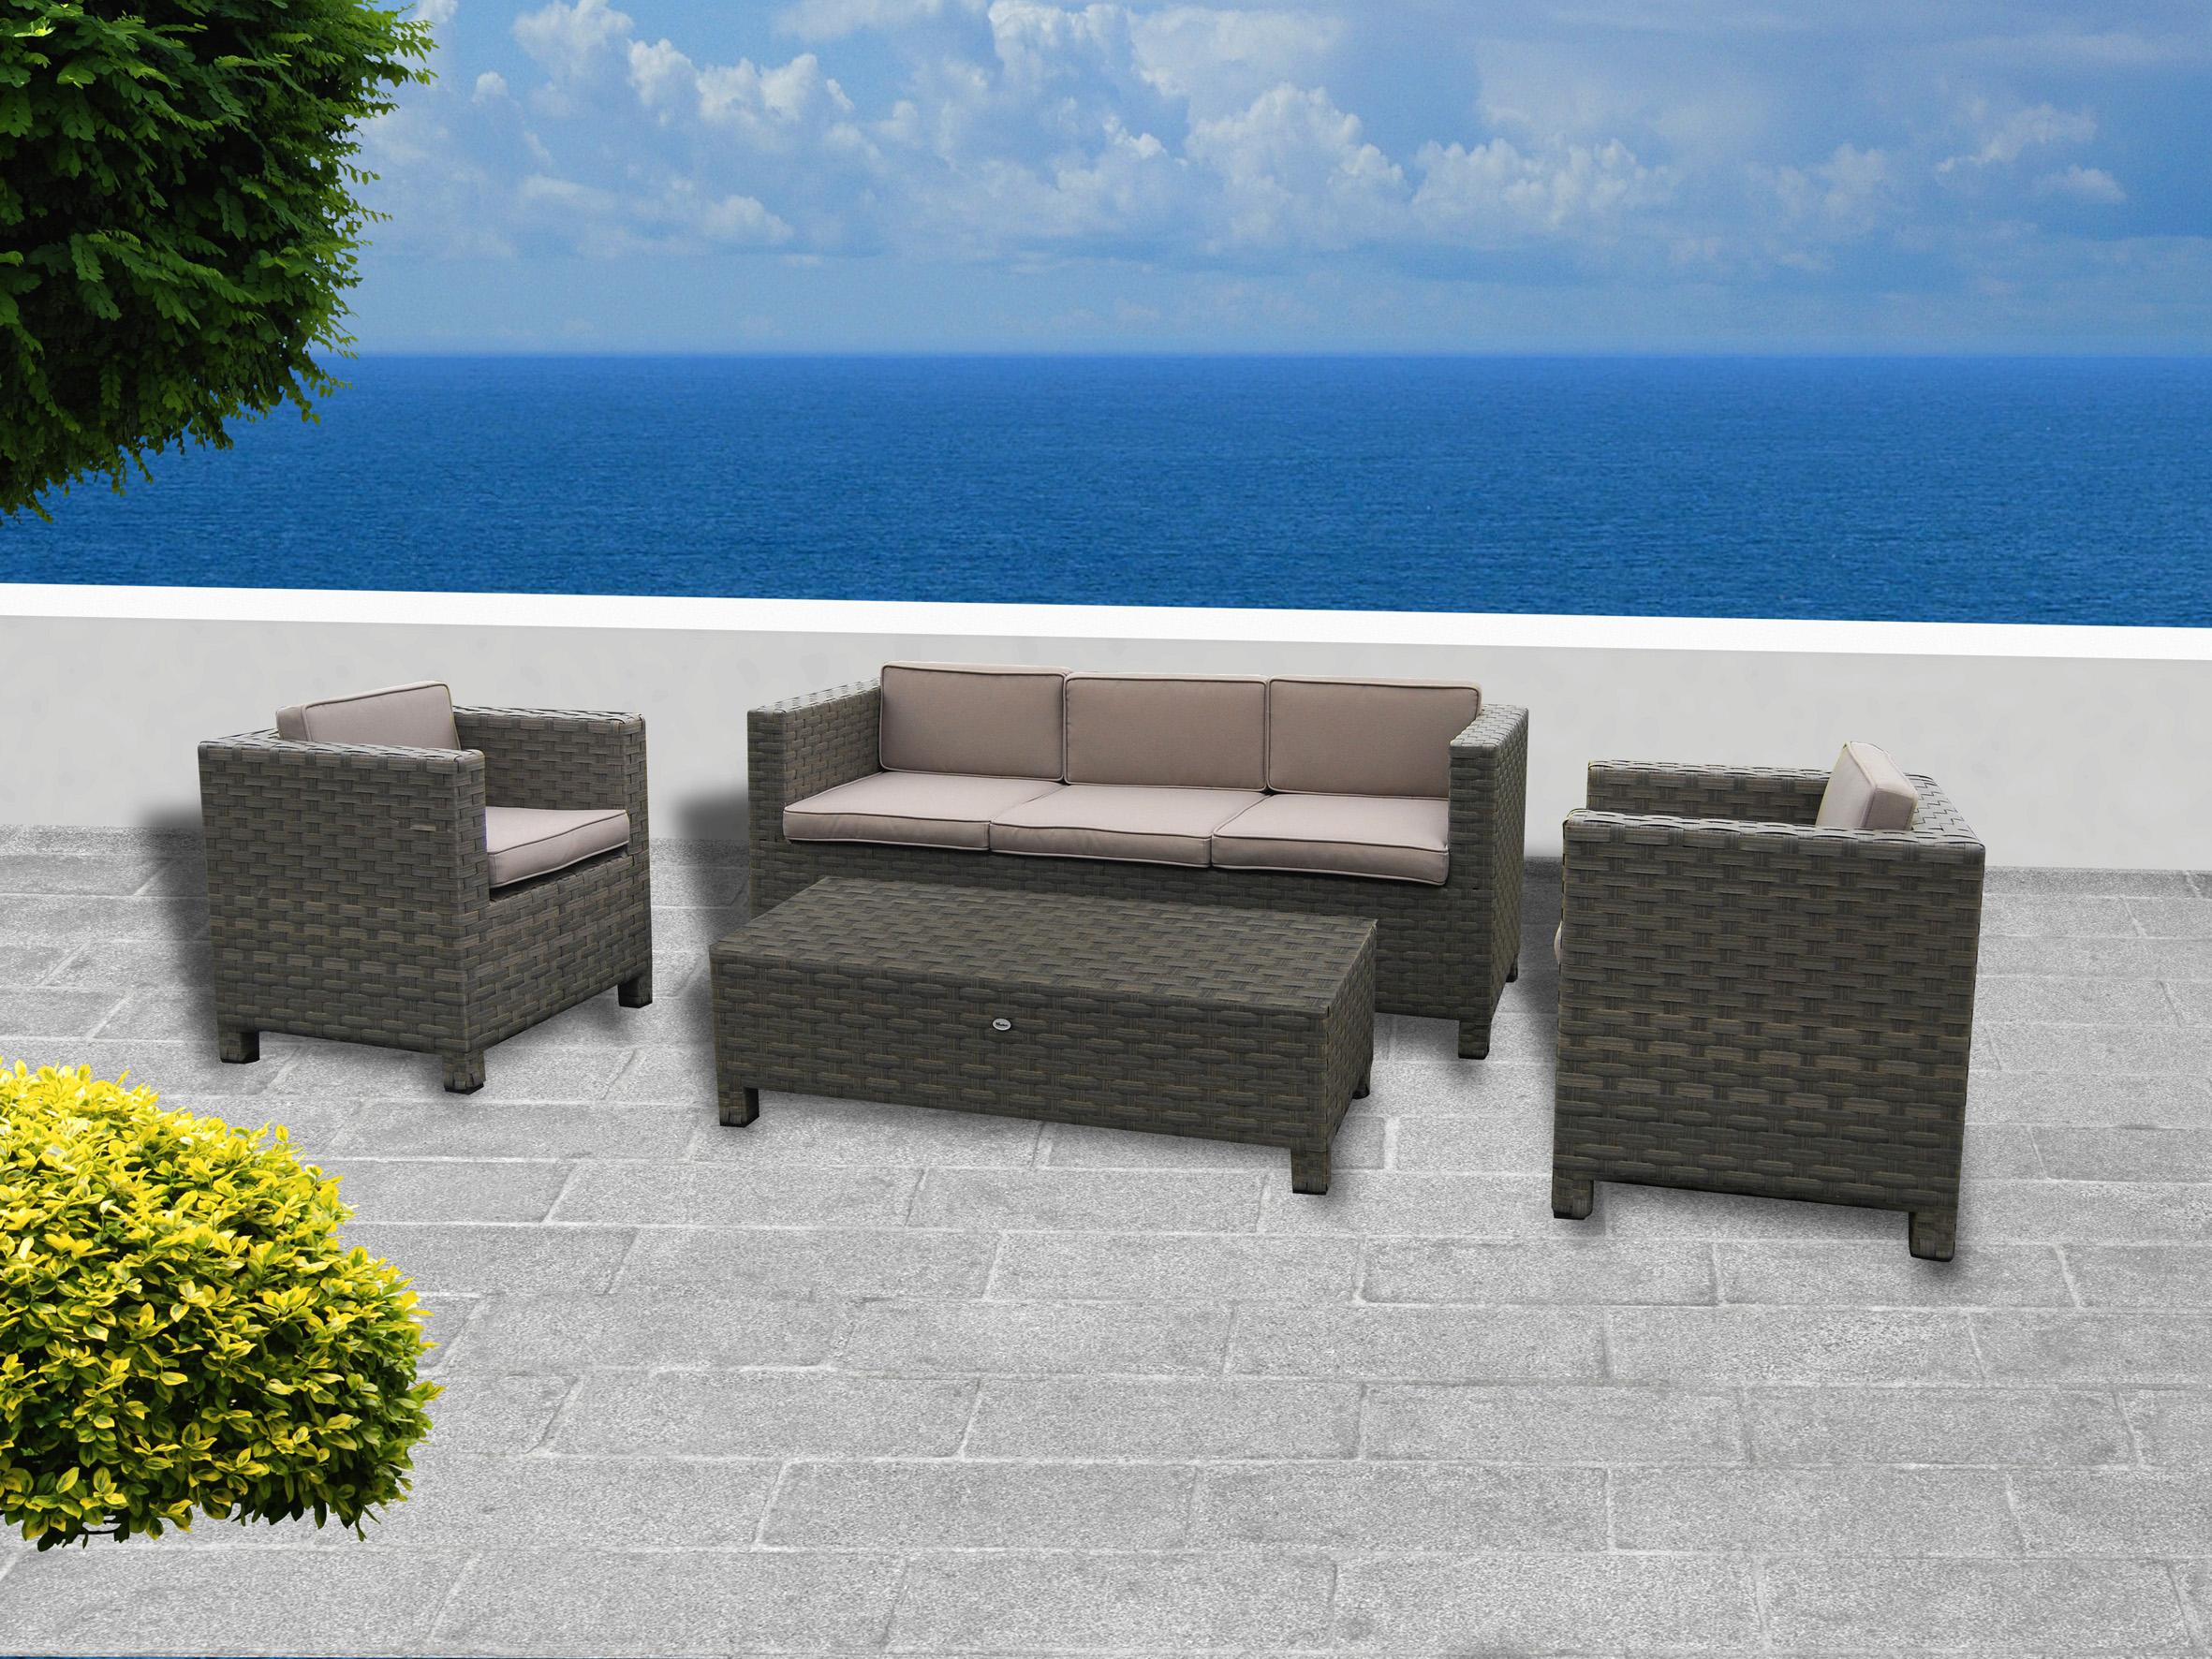 Mobiliario para exterior mesas y sillas generico conjunto de jard n color natural palmarola - Mobiliario jardin online ...